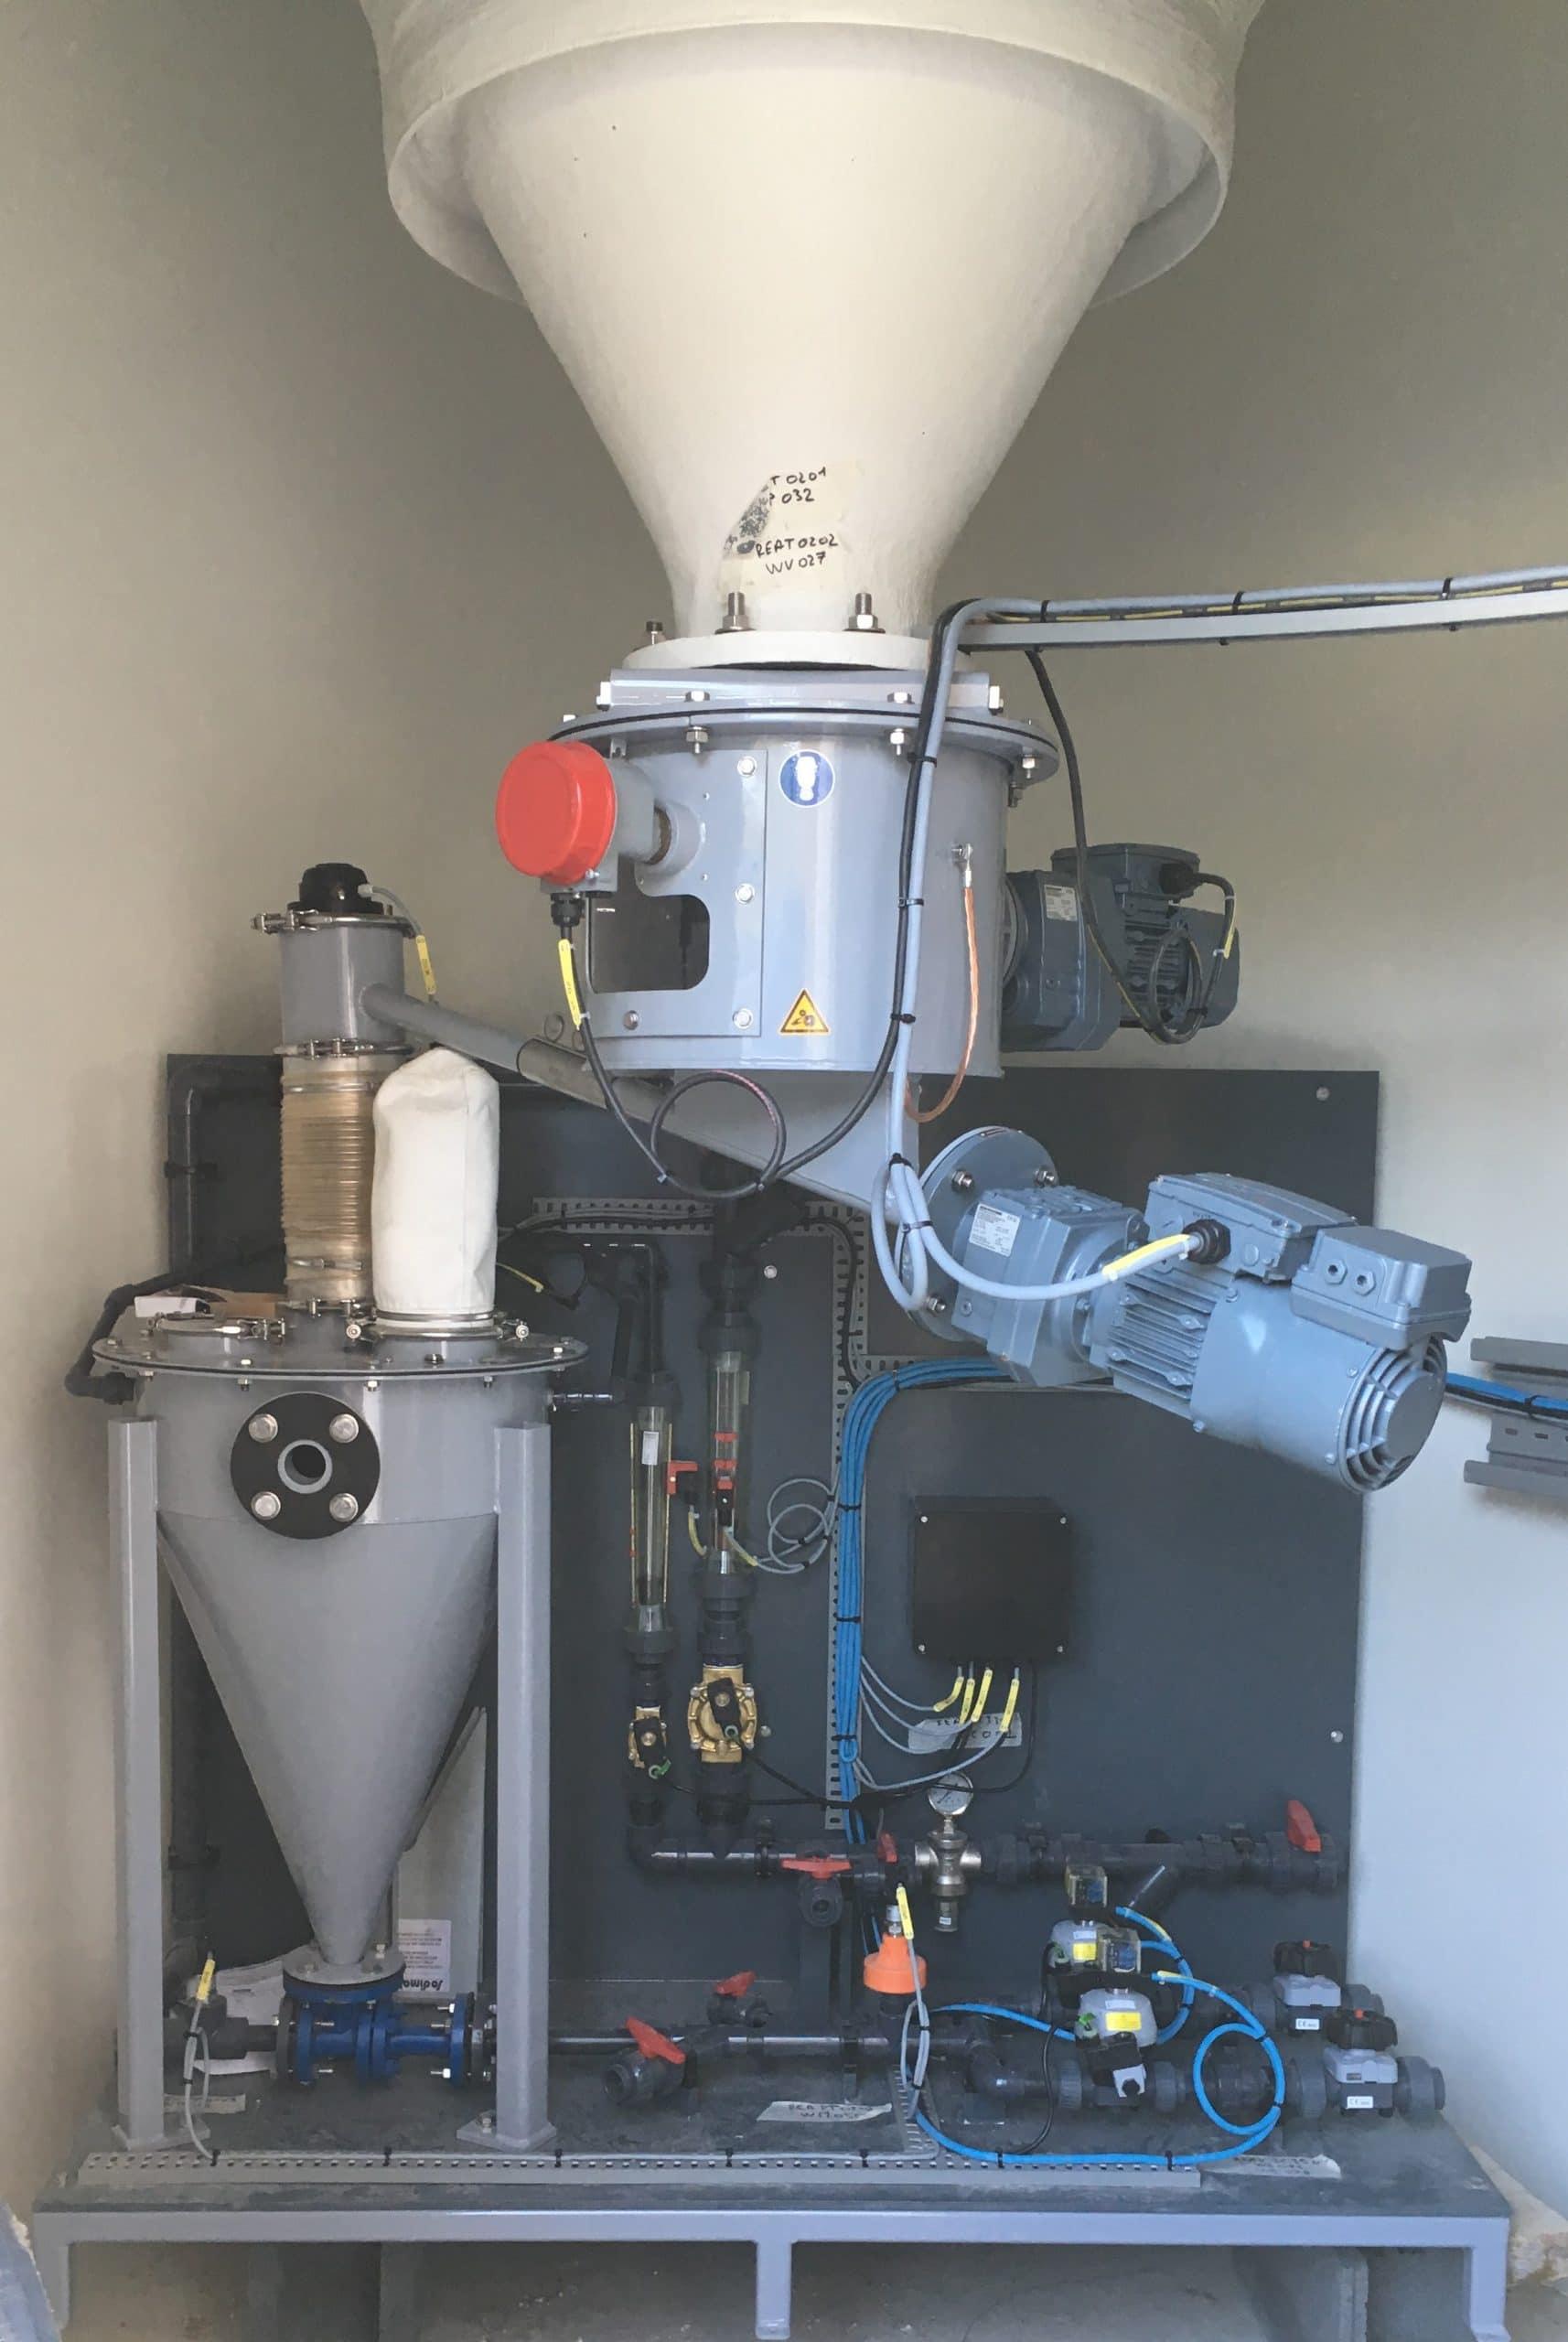 ejector under storage silo